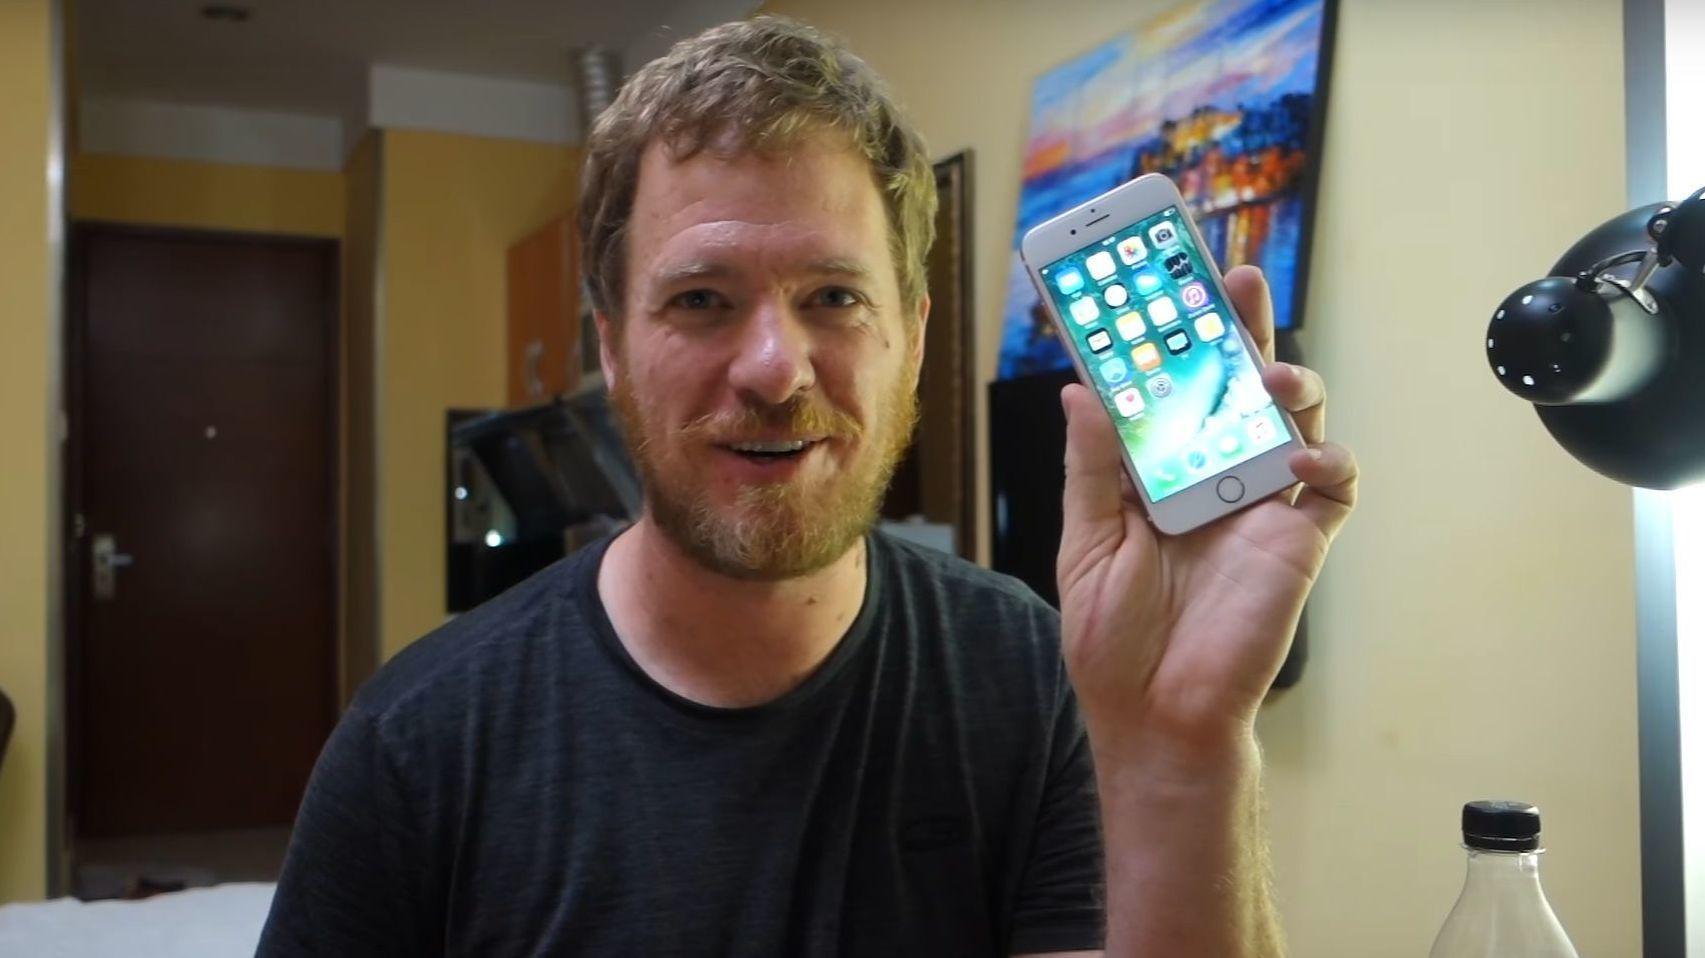 Denne fyren bygde sin egen iPhone 6s fra bunnen av